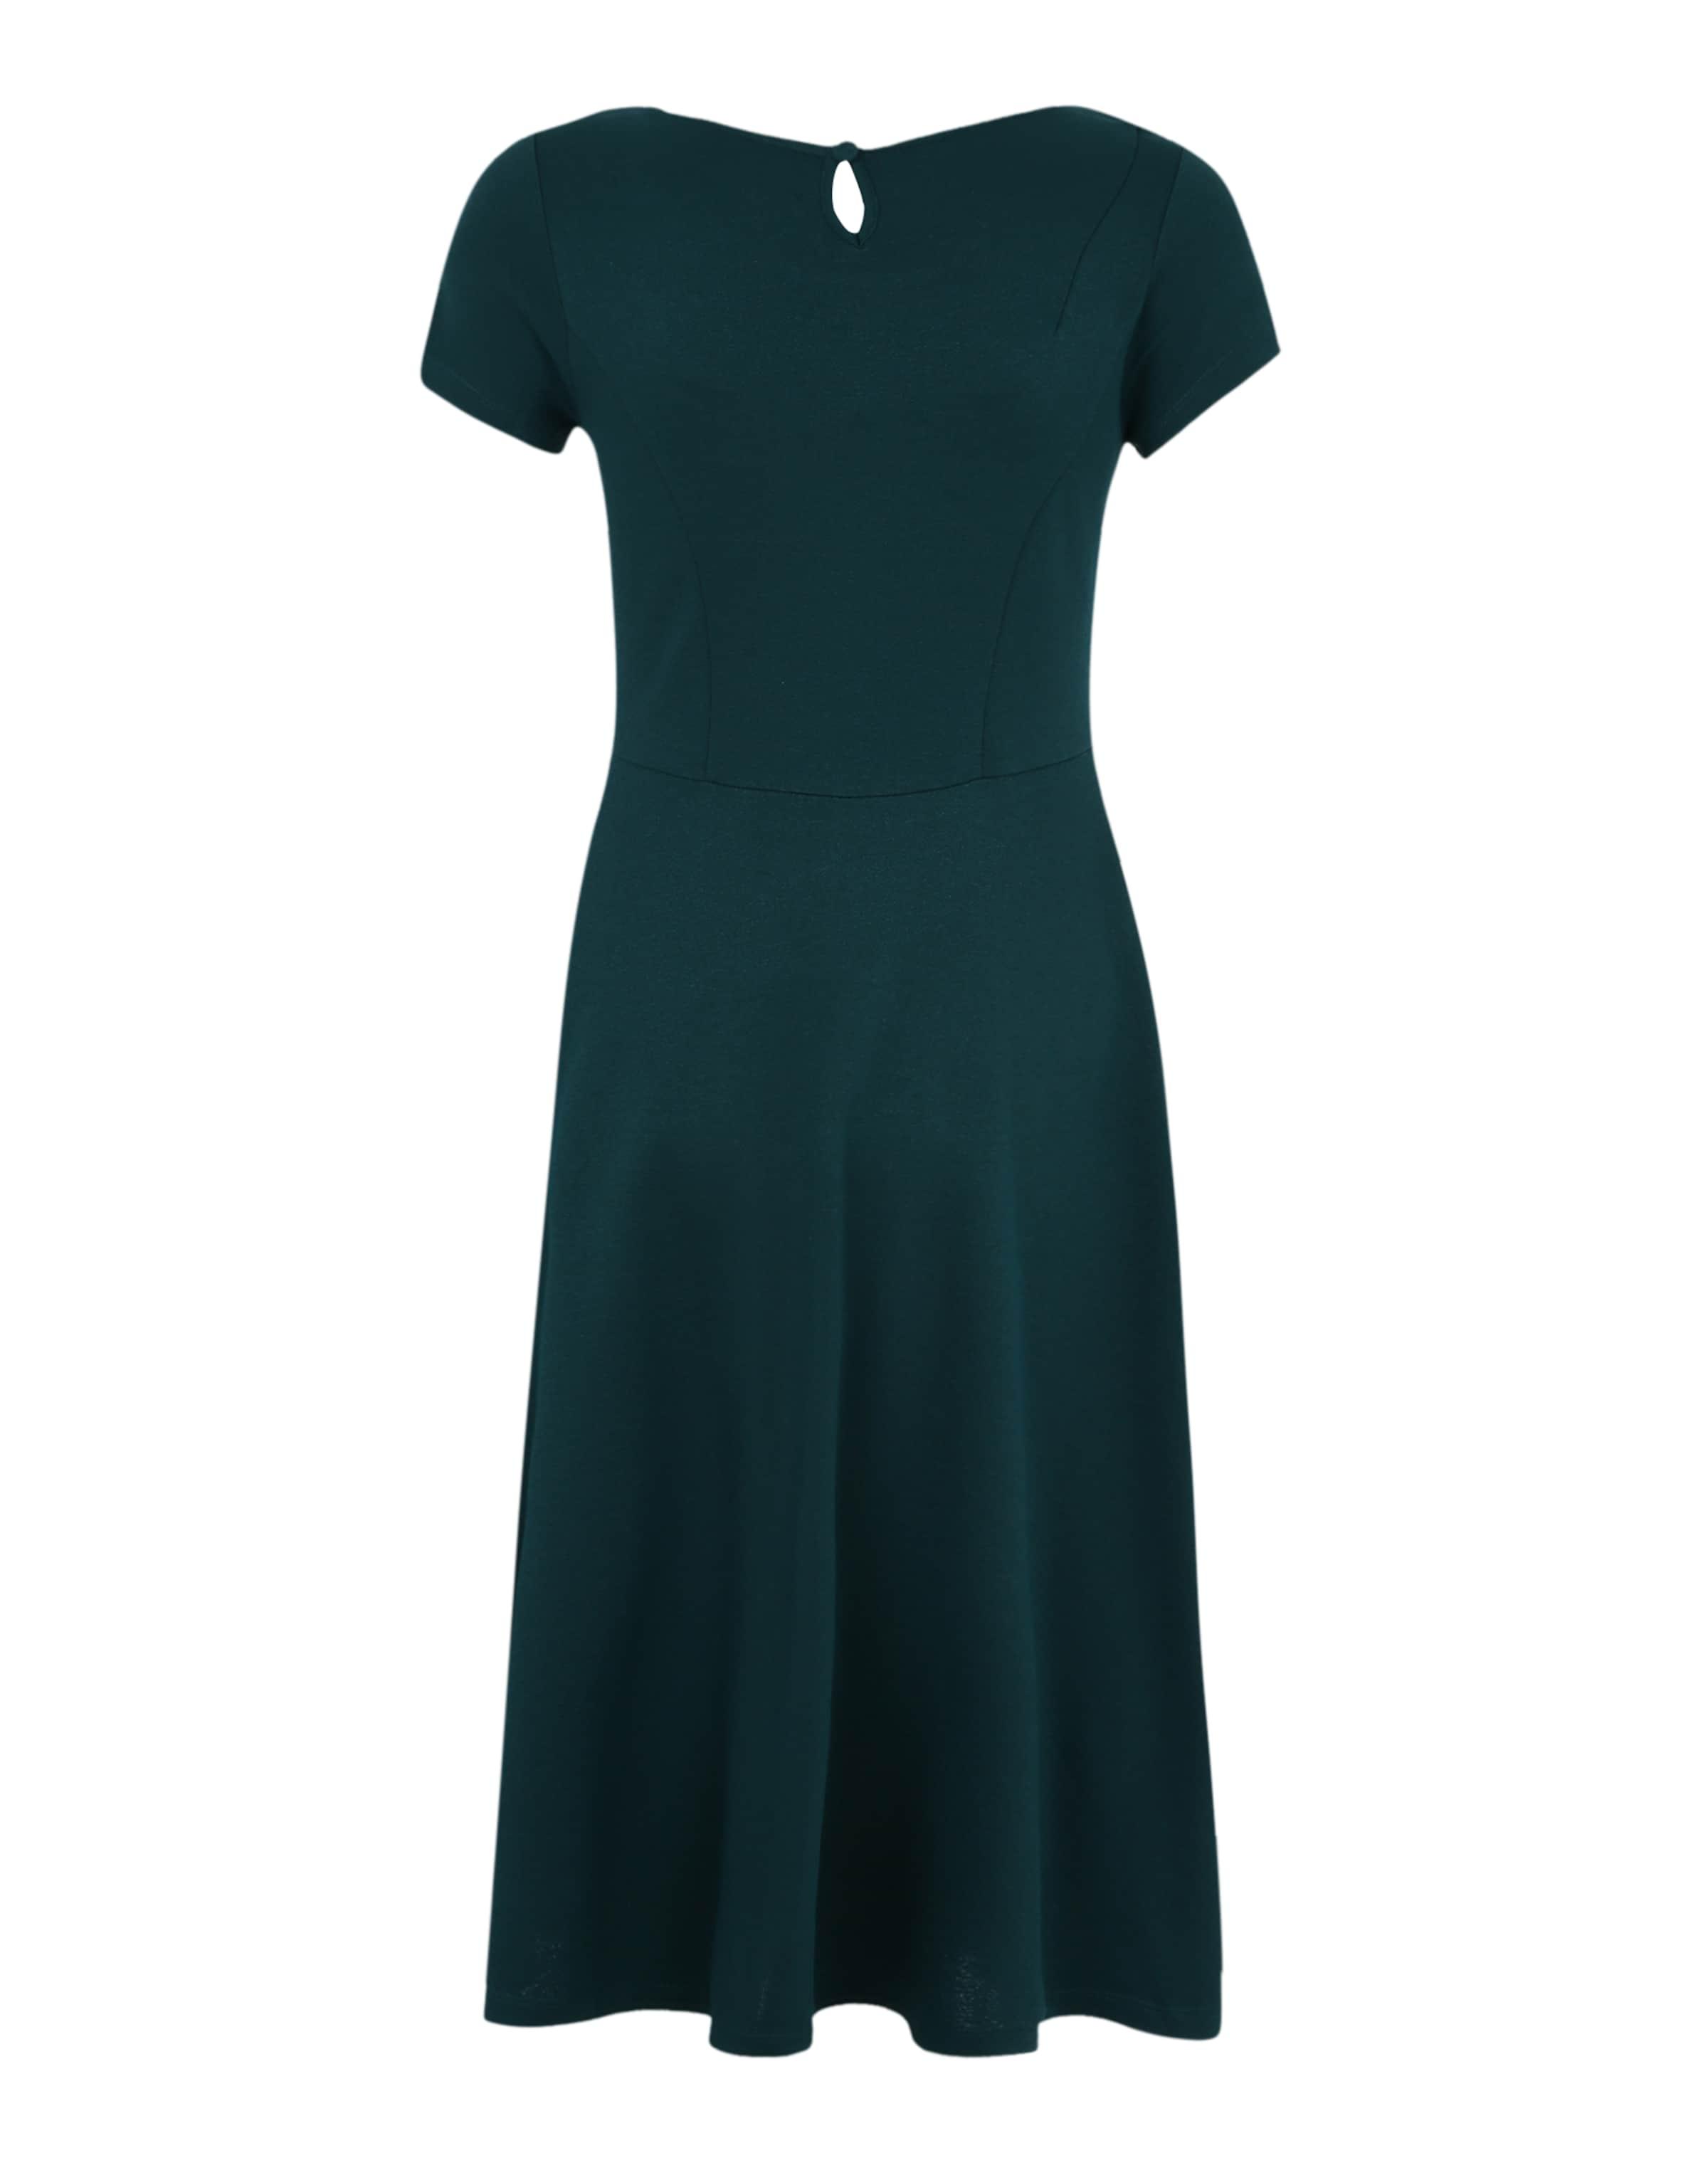 Billig Verkauf 2018 Neueste King Louie Ausgestelltes Kleid 'Elizabeth' Freies Verschiffen Preiswerteste fjYb6aR4